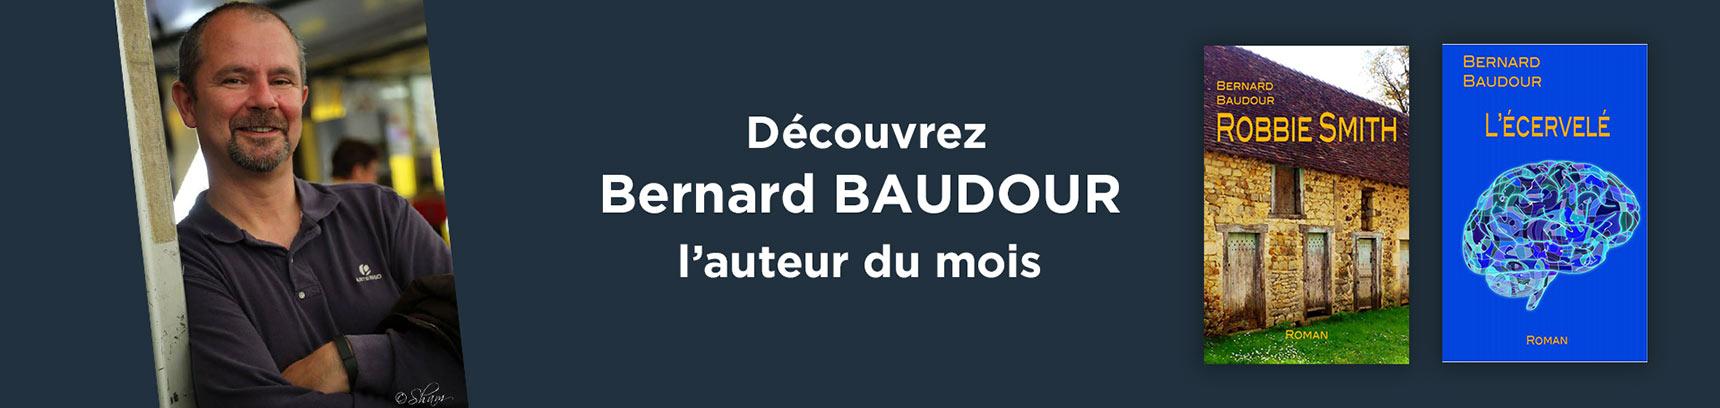 interview de bernard baudour thebookedition